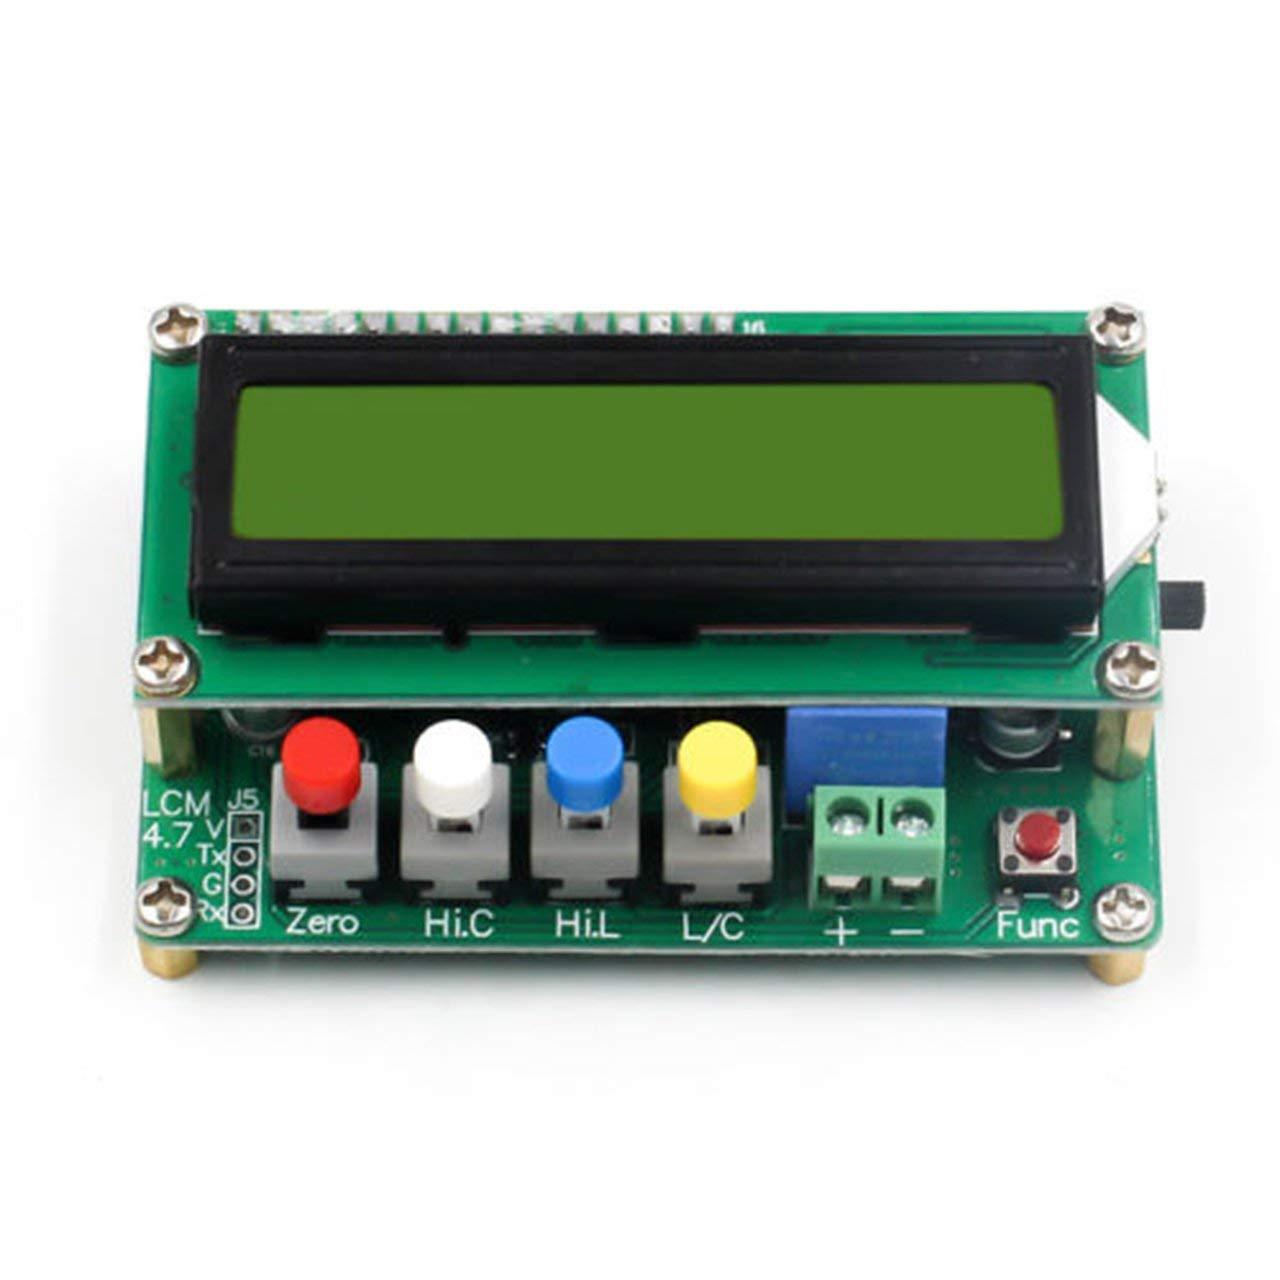 LC100-A Instruments de test de condensateur de capacit/é capacim/étrique L//C Indicateur LCD num/érique complet pour LCD haute pr/écision multicolore FRjasnyfall